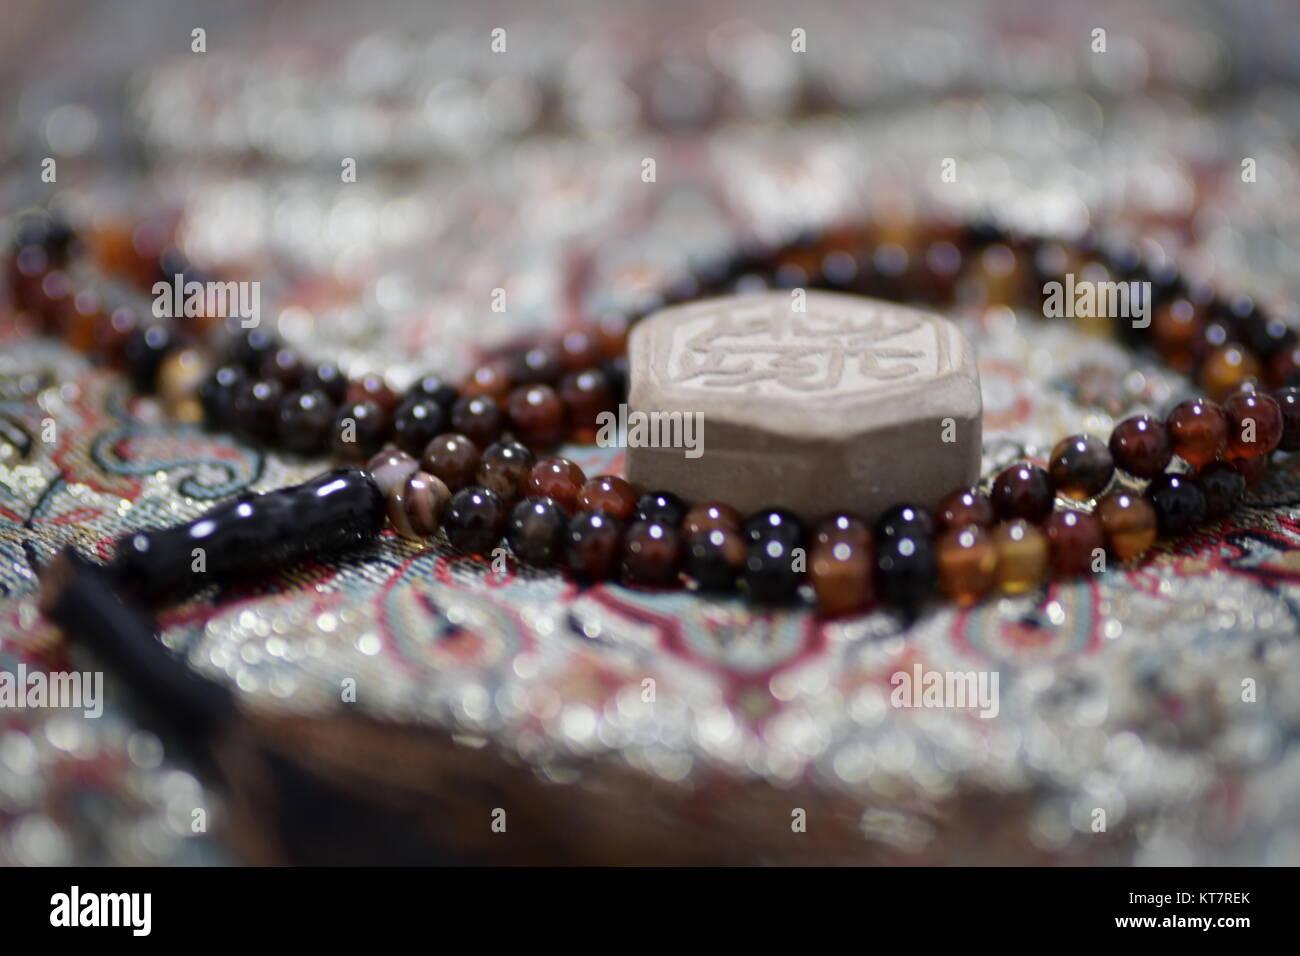 Das islamische Gebet markante Artikel Nahaufnahme von tasbih Rosenkranz für Salat und turbah Ton für Niederwerfungen Stockbild